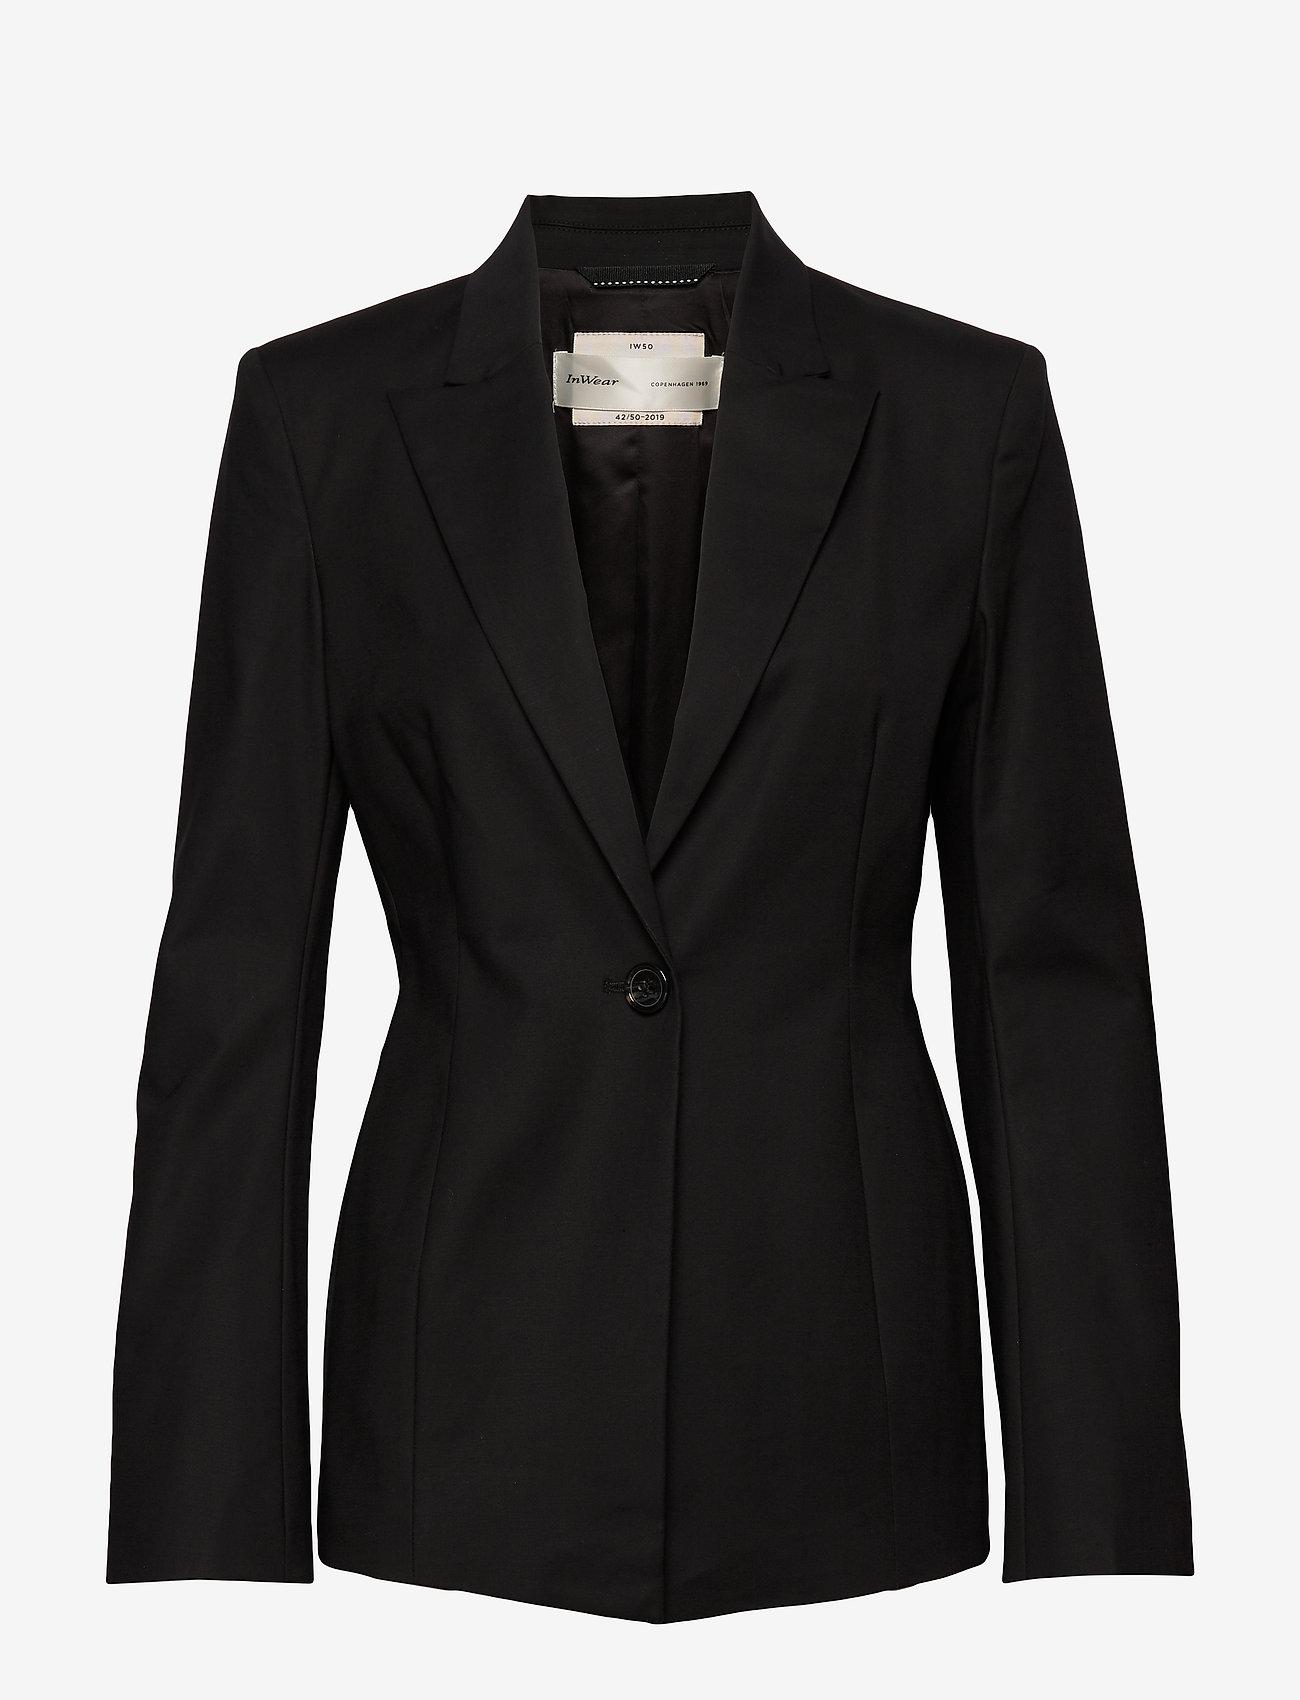 Iw50 42 Maggieiw Blazer (Black) - InWear tReUPv